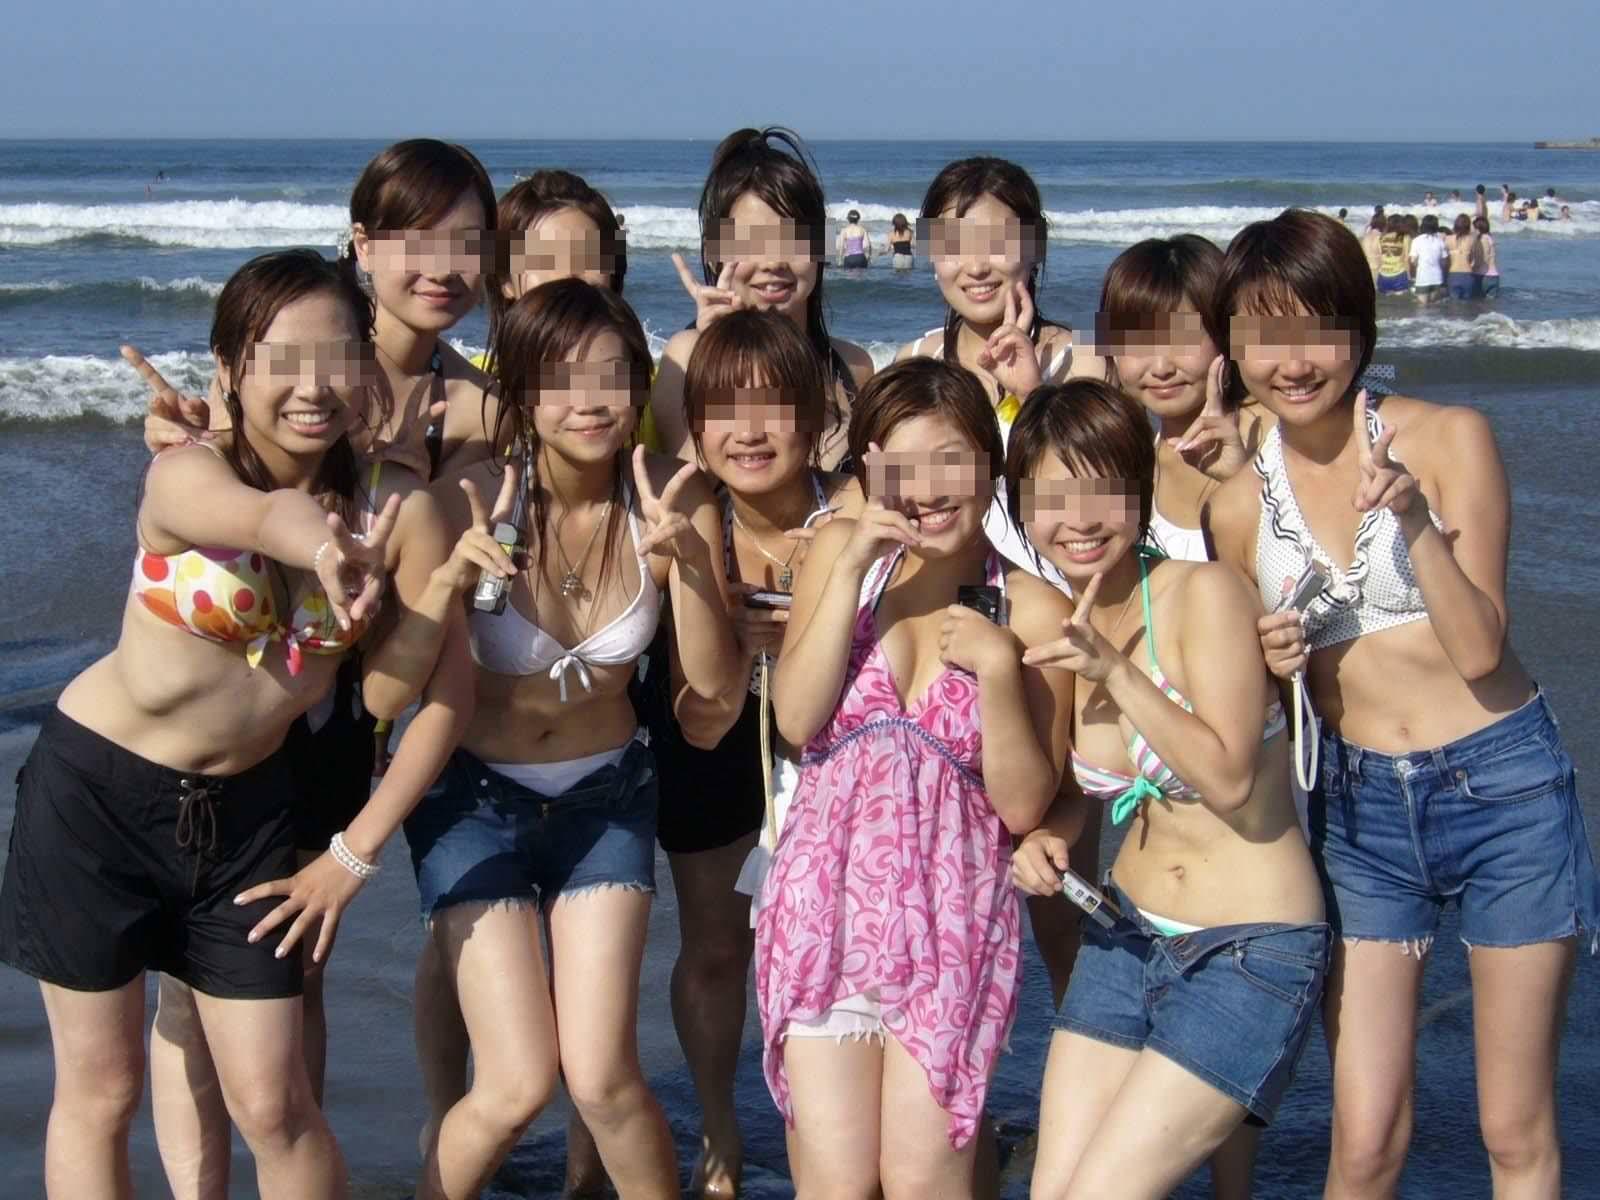 ビーチ撮りの水着素人の集合写真